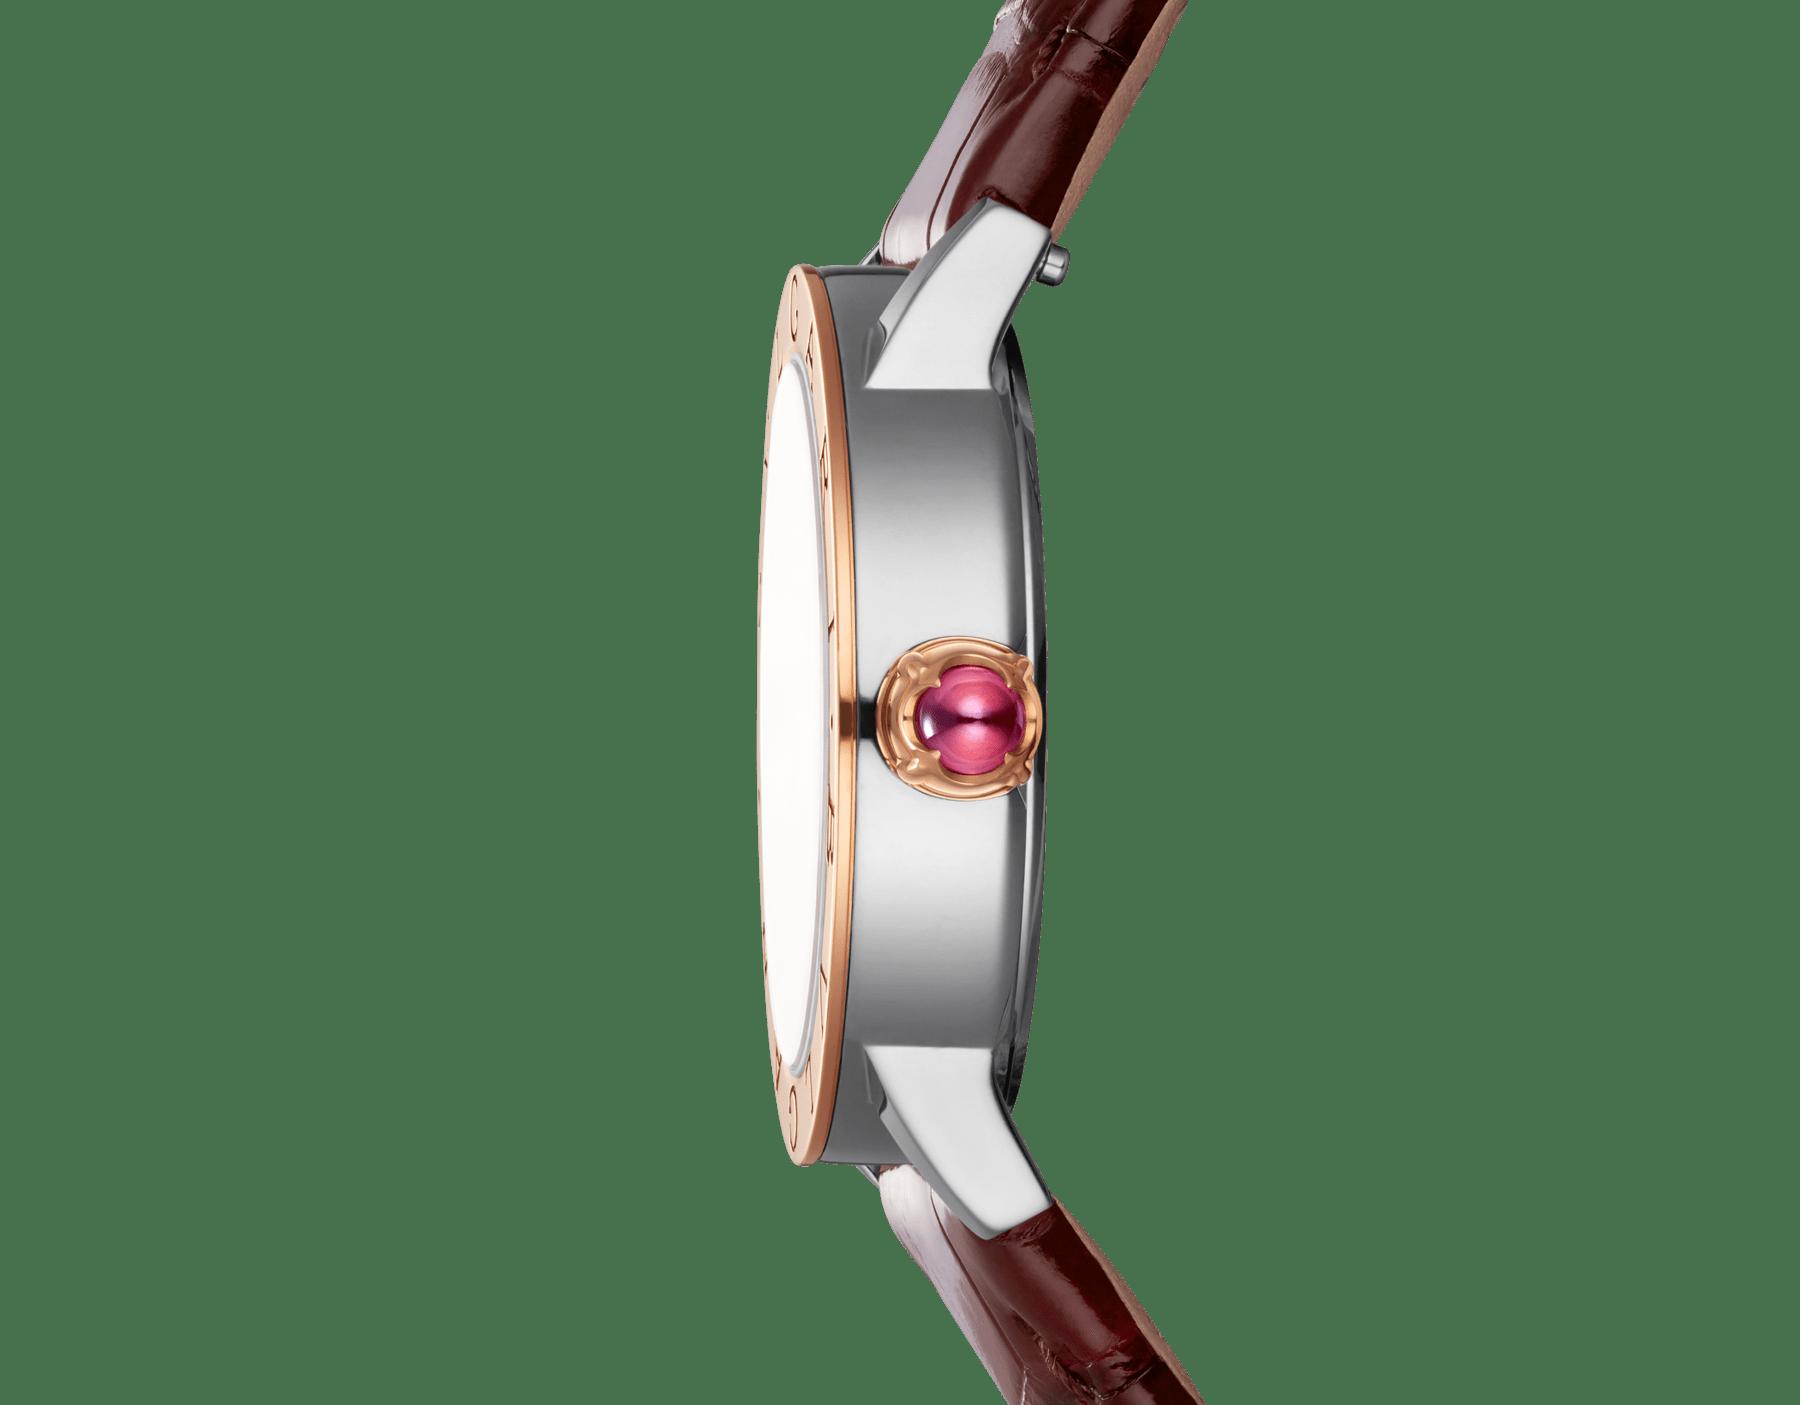 Relógio BVLGARIBVLGARI com caixa em aço inoxidável, bezel em ouro rosa 18K, mostrador laqueado acetinado marrom soleil, índices de diamante dourados e pulseira em couro de jacaré marrom escuro brilhante 102742 image 3